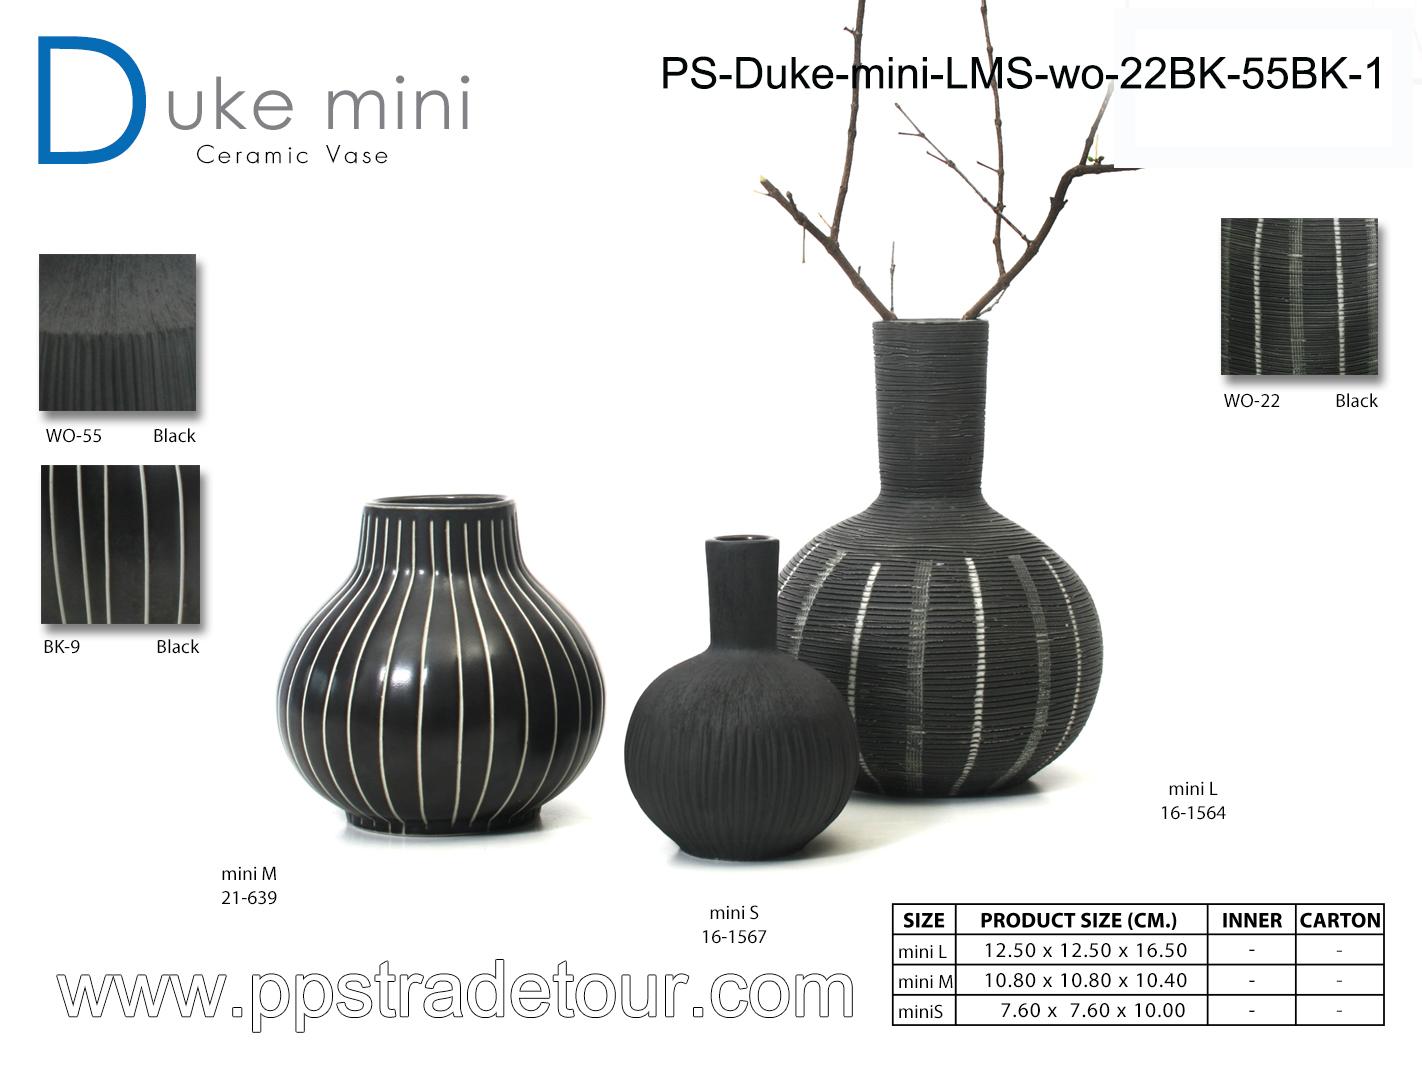 PSCV-Duke-mini-LMS-WO-22BK-55BK-1